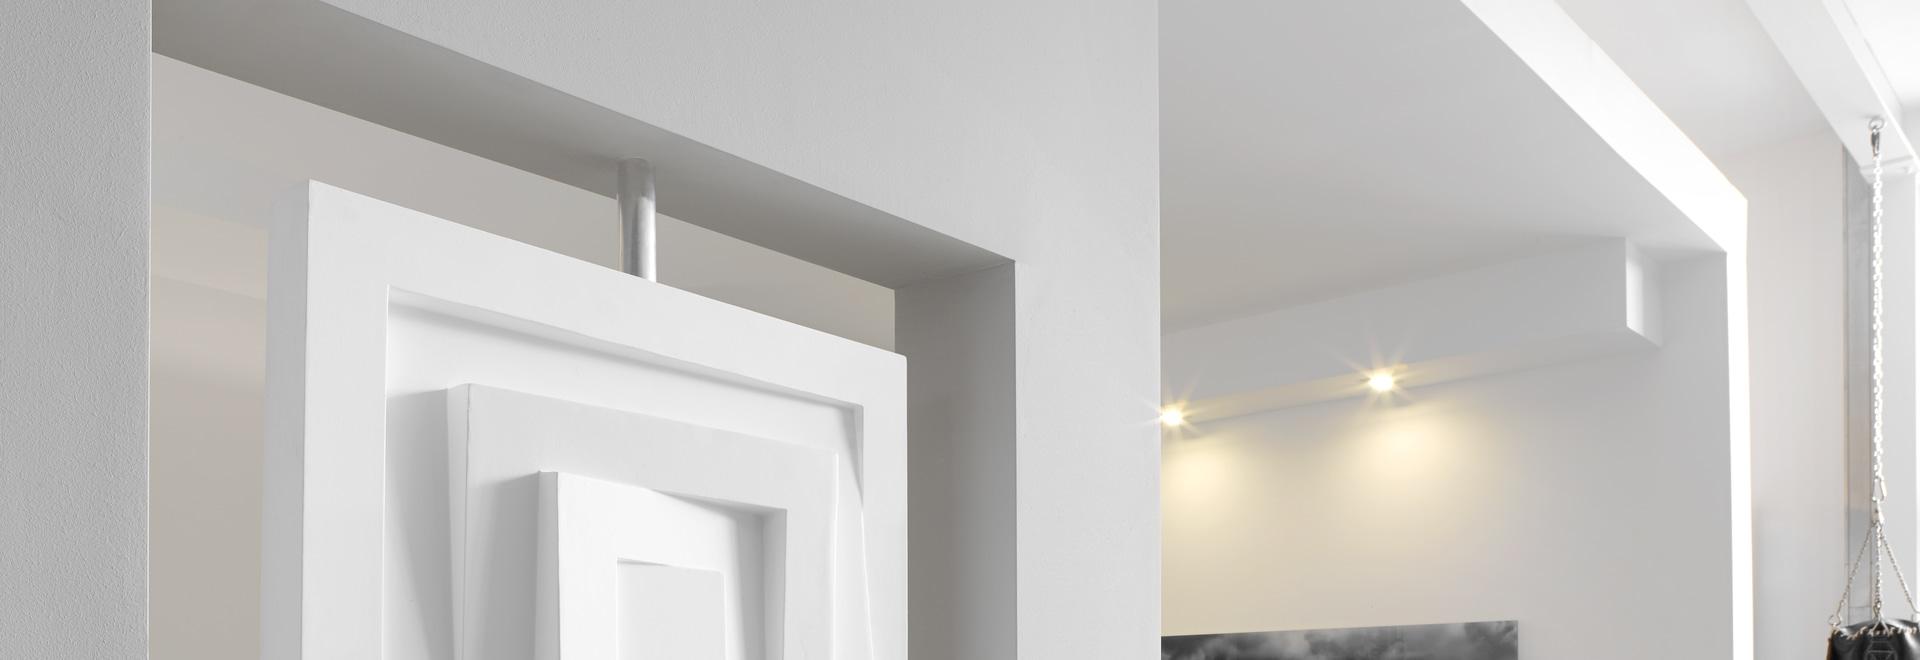 iluminación de las soluciones para los moldeados decorativos